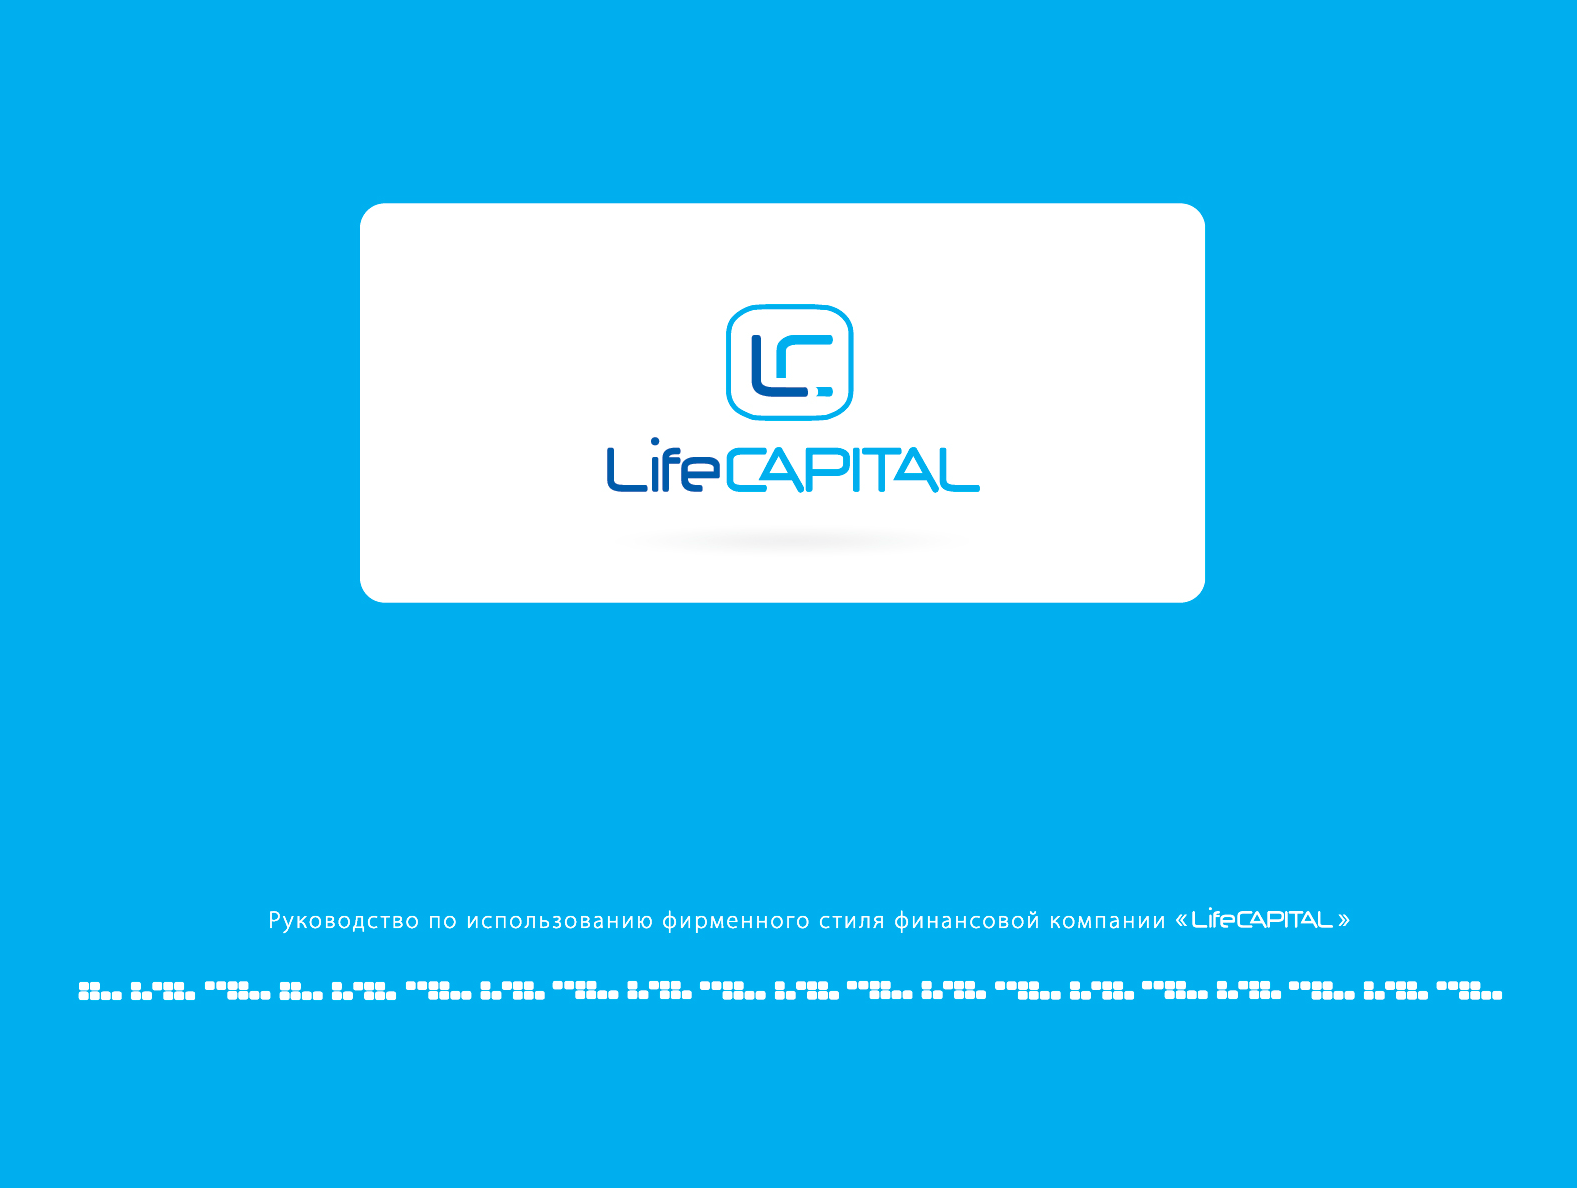 Разработка фирменного стиля финансовой компании Life capital. Логотип, cтиль,визитки, бланки